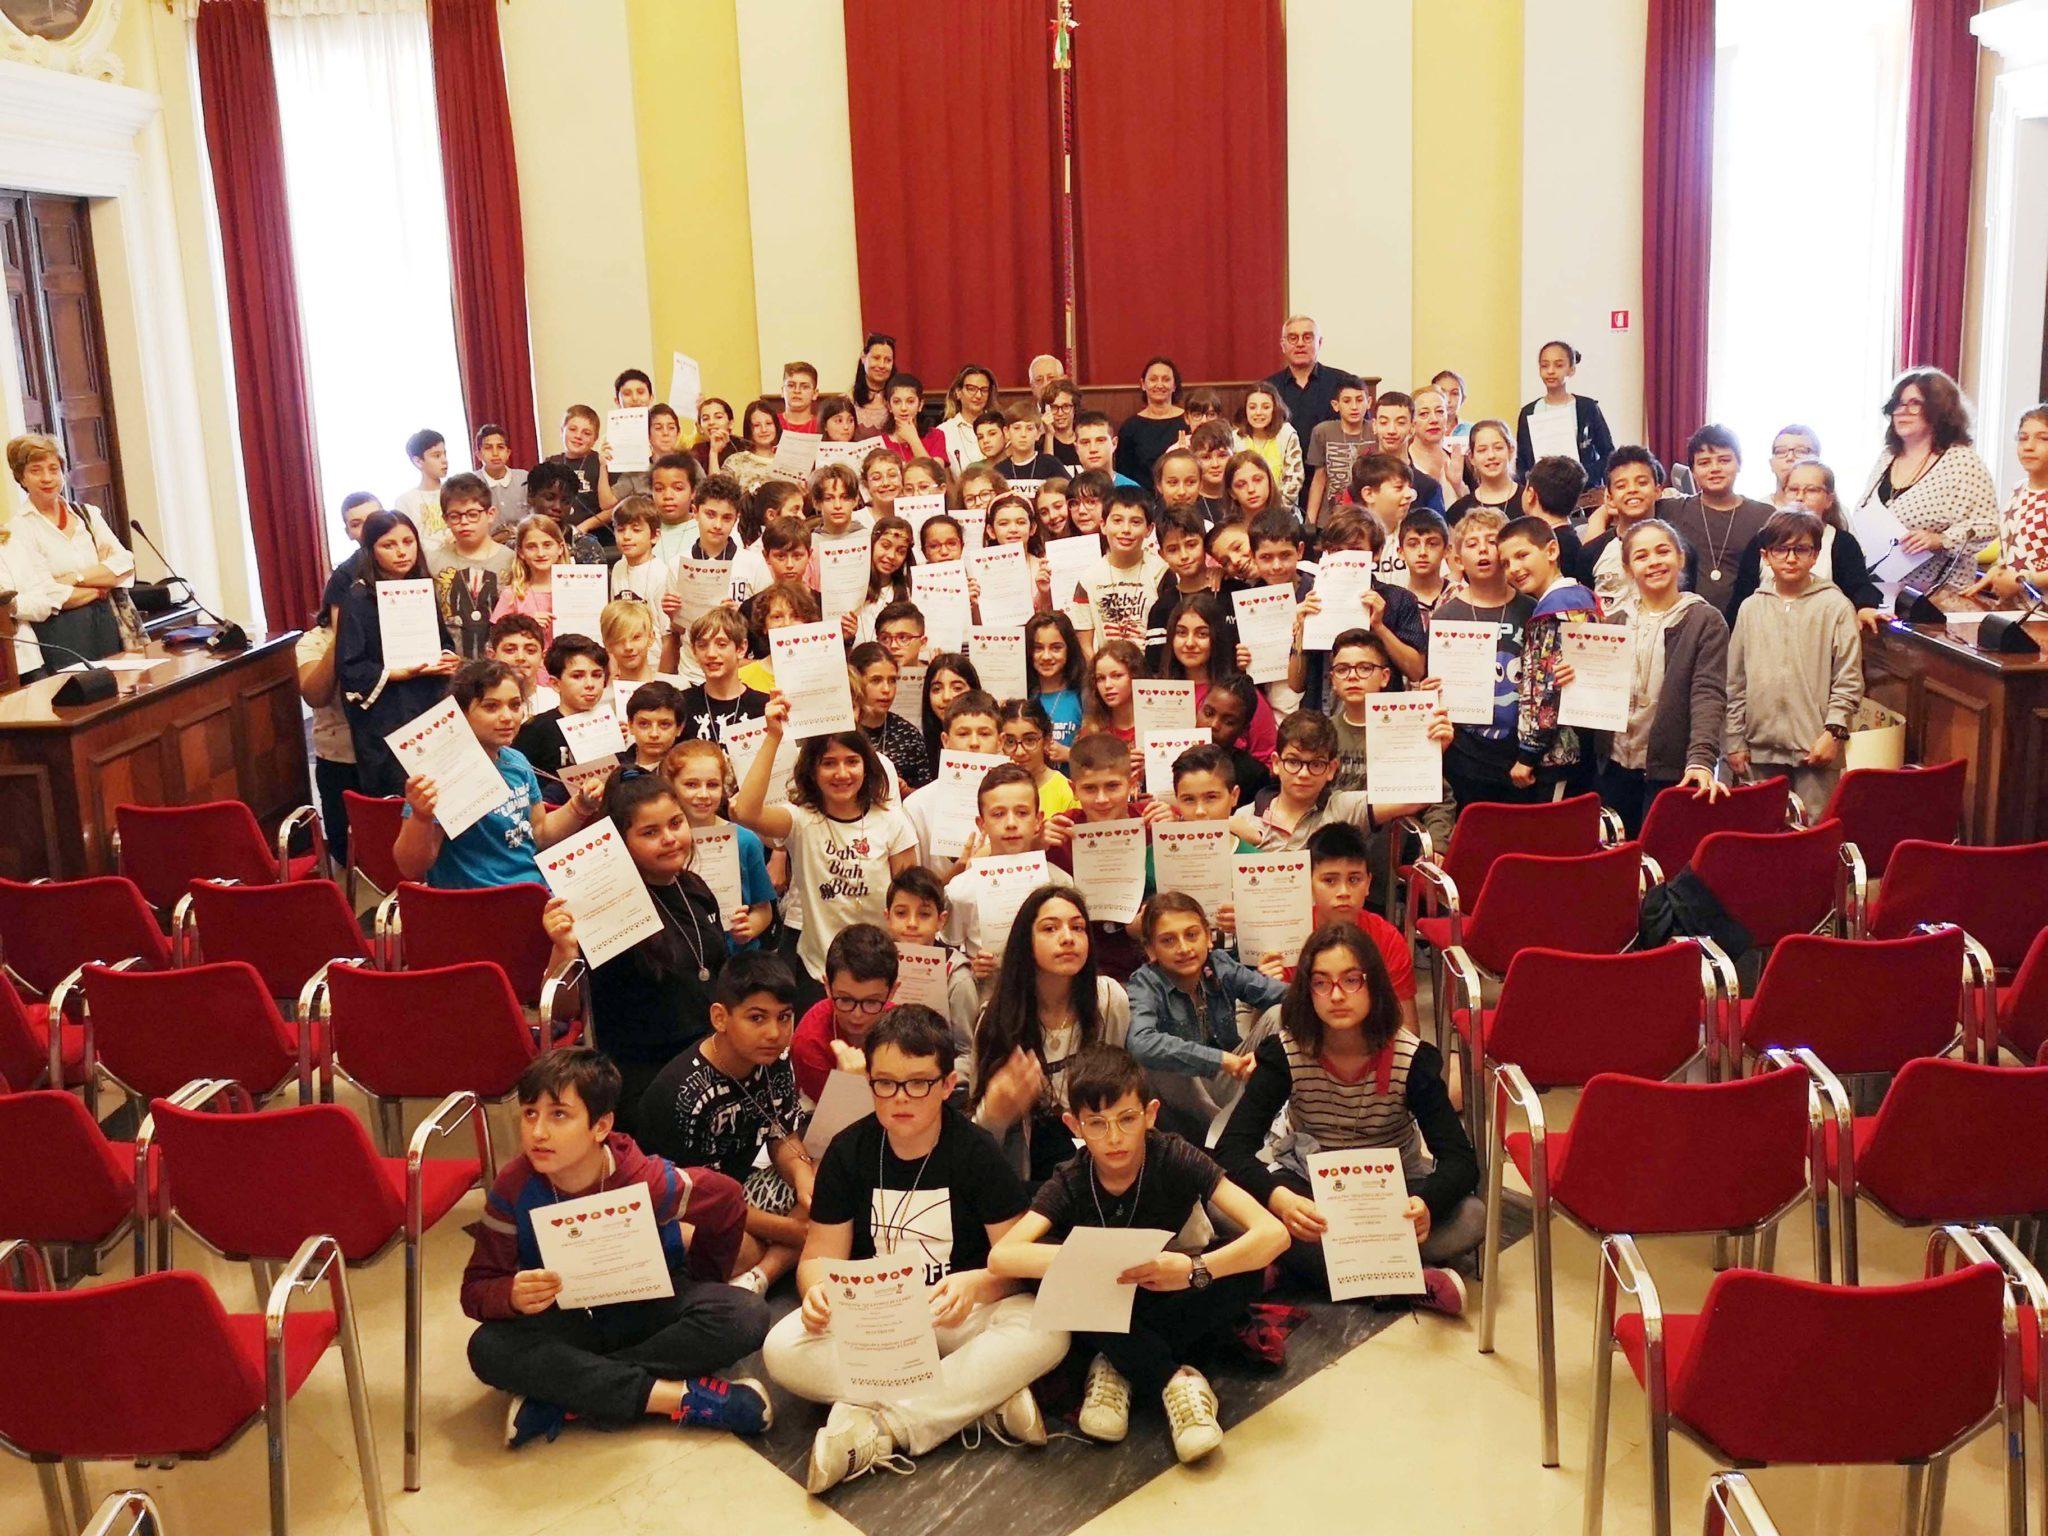 foto di gruppo di tutti gli studenti che hanno partecipato agli incontri